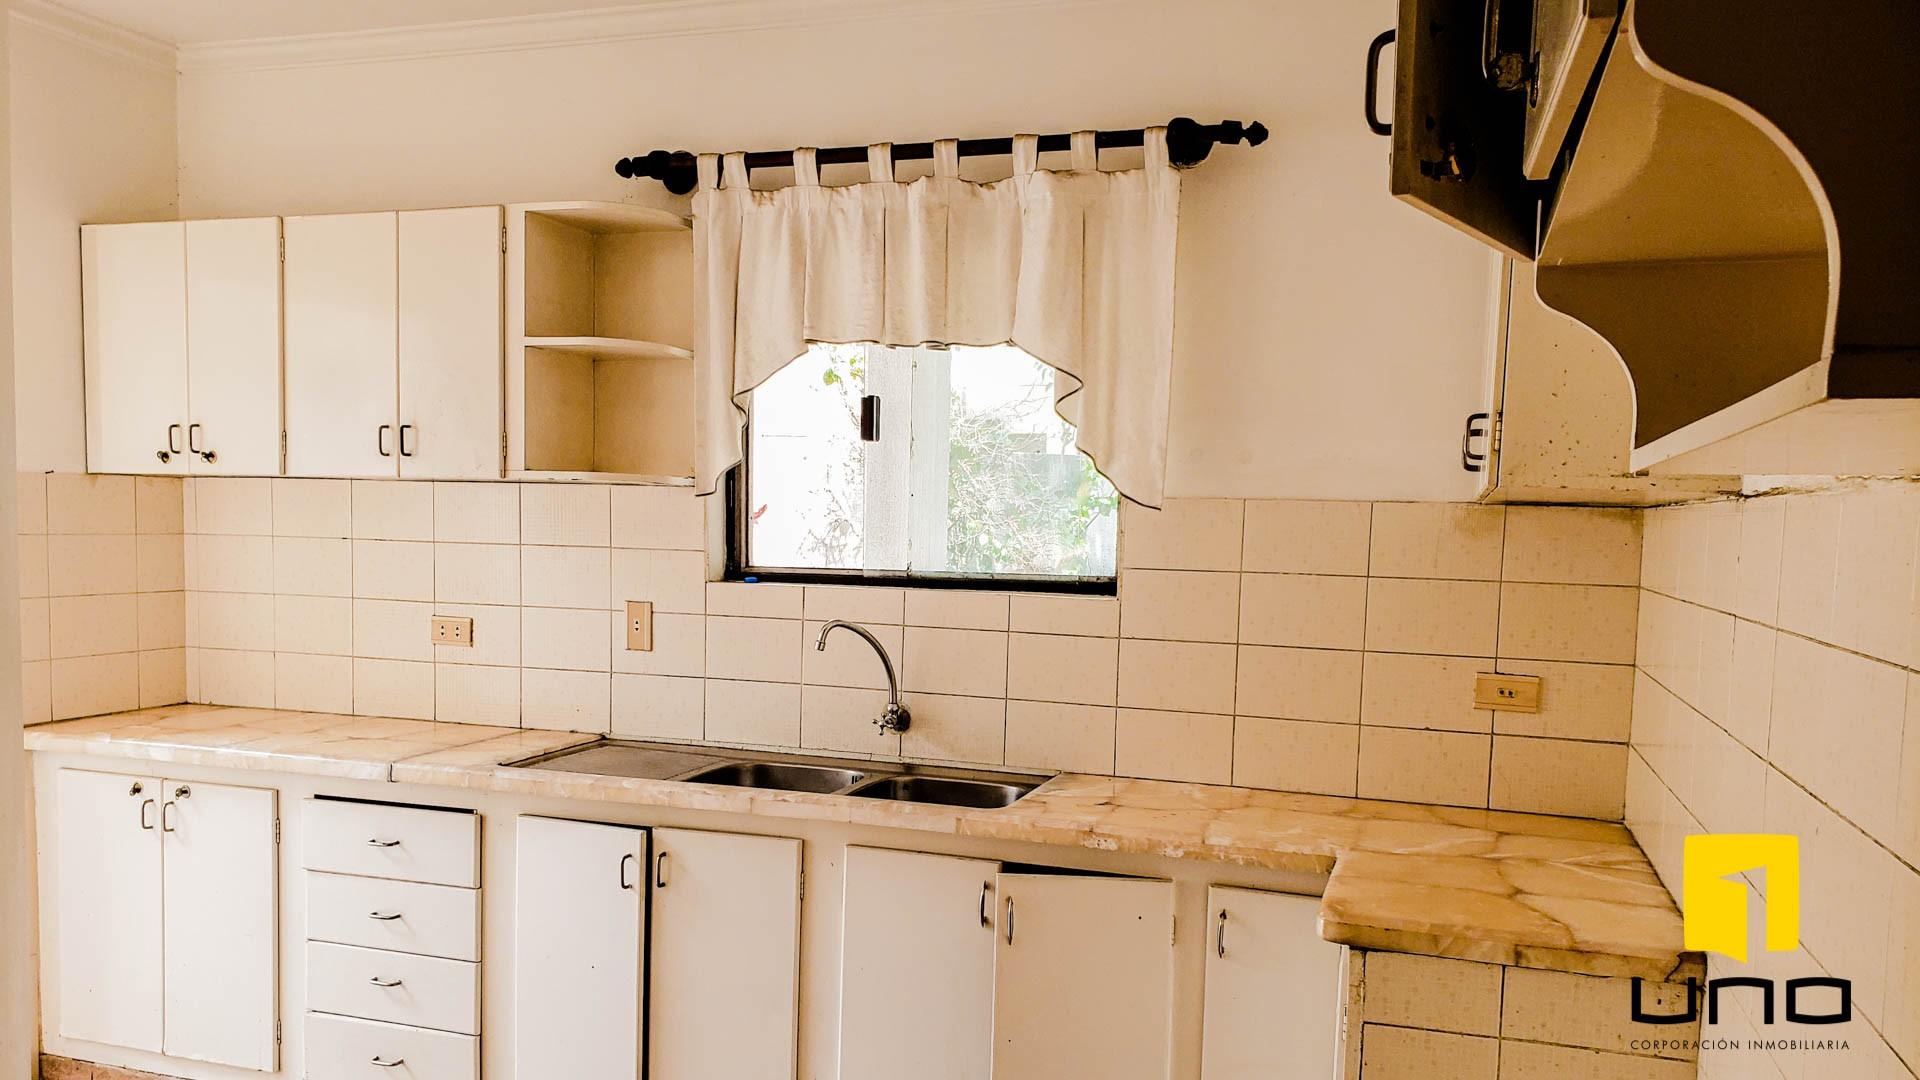 Casa en Venta $us 260.000 VENDO CASA BARRIO LAS PALMAS Foto 15